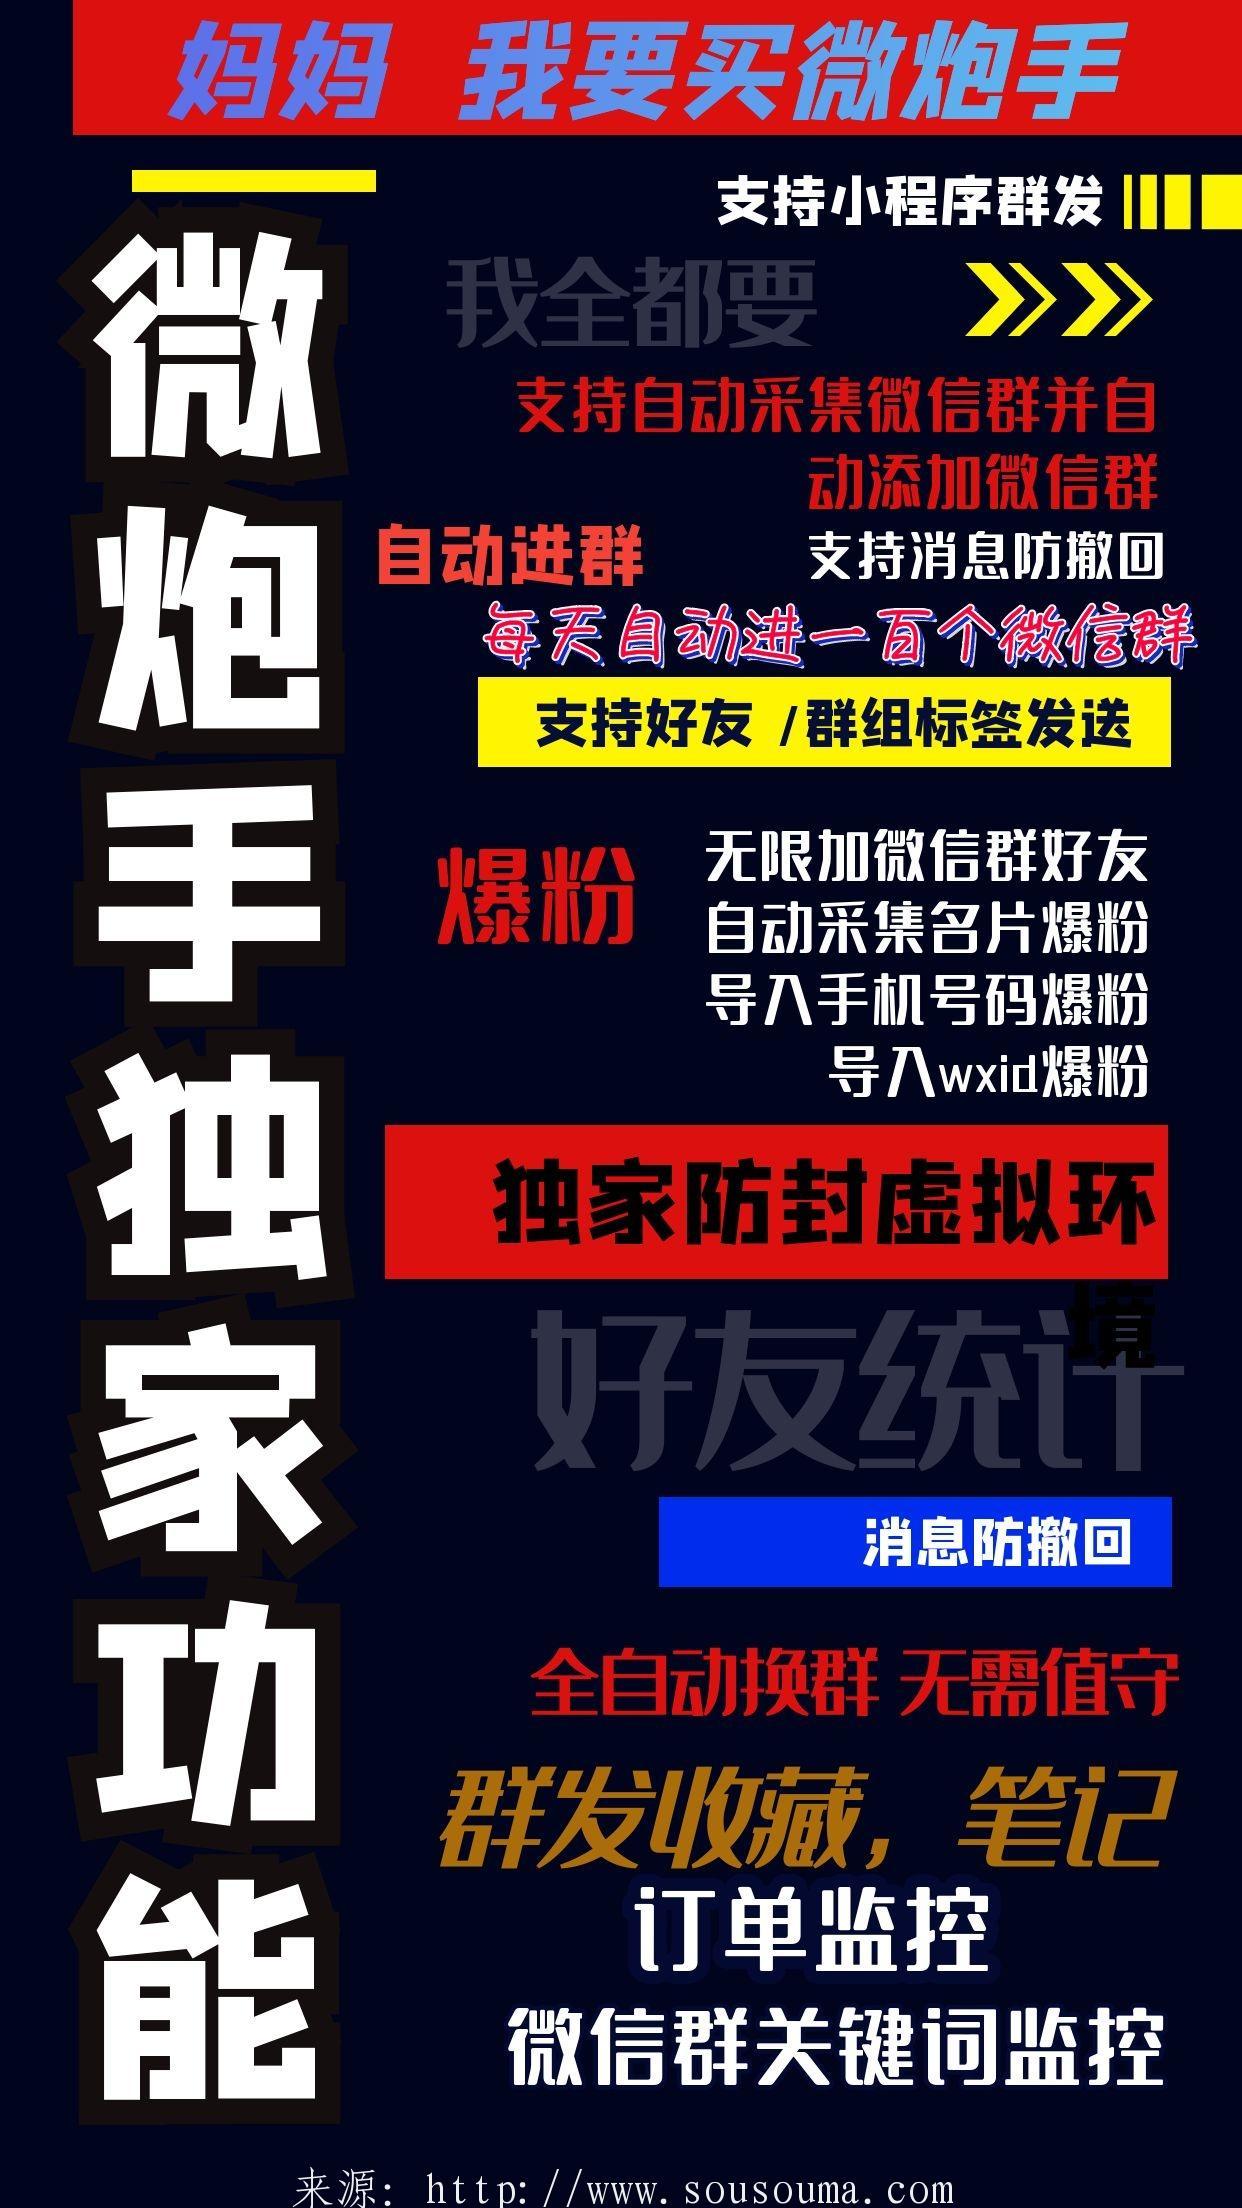 【微炮手官网】电脑版PC端营销软件激活码代理授权